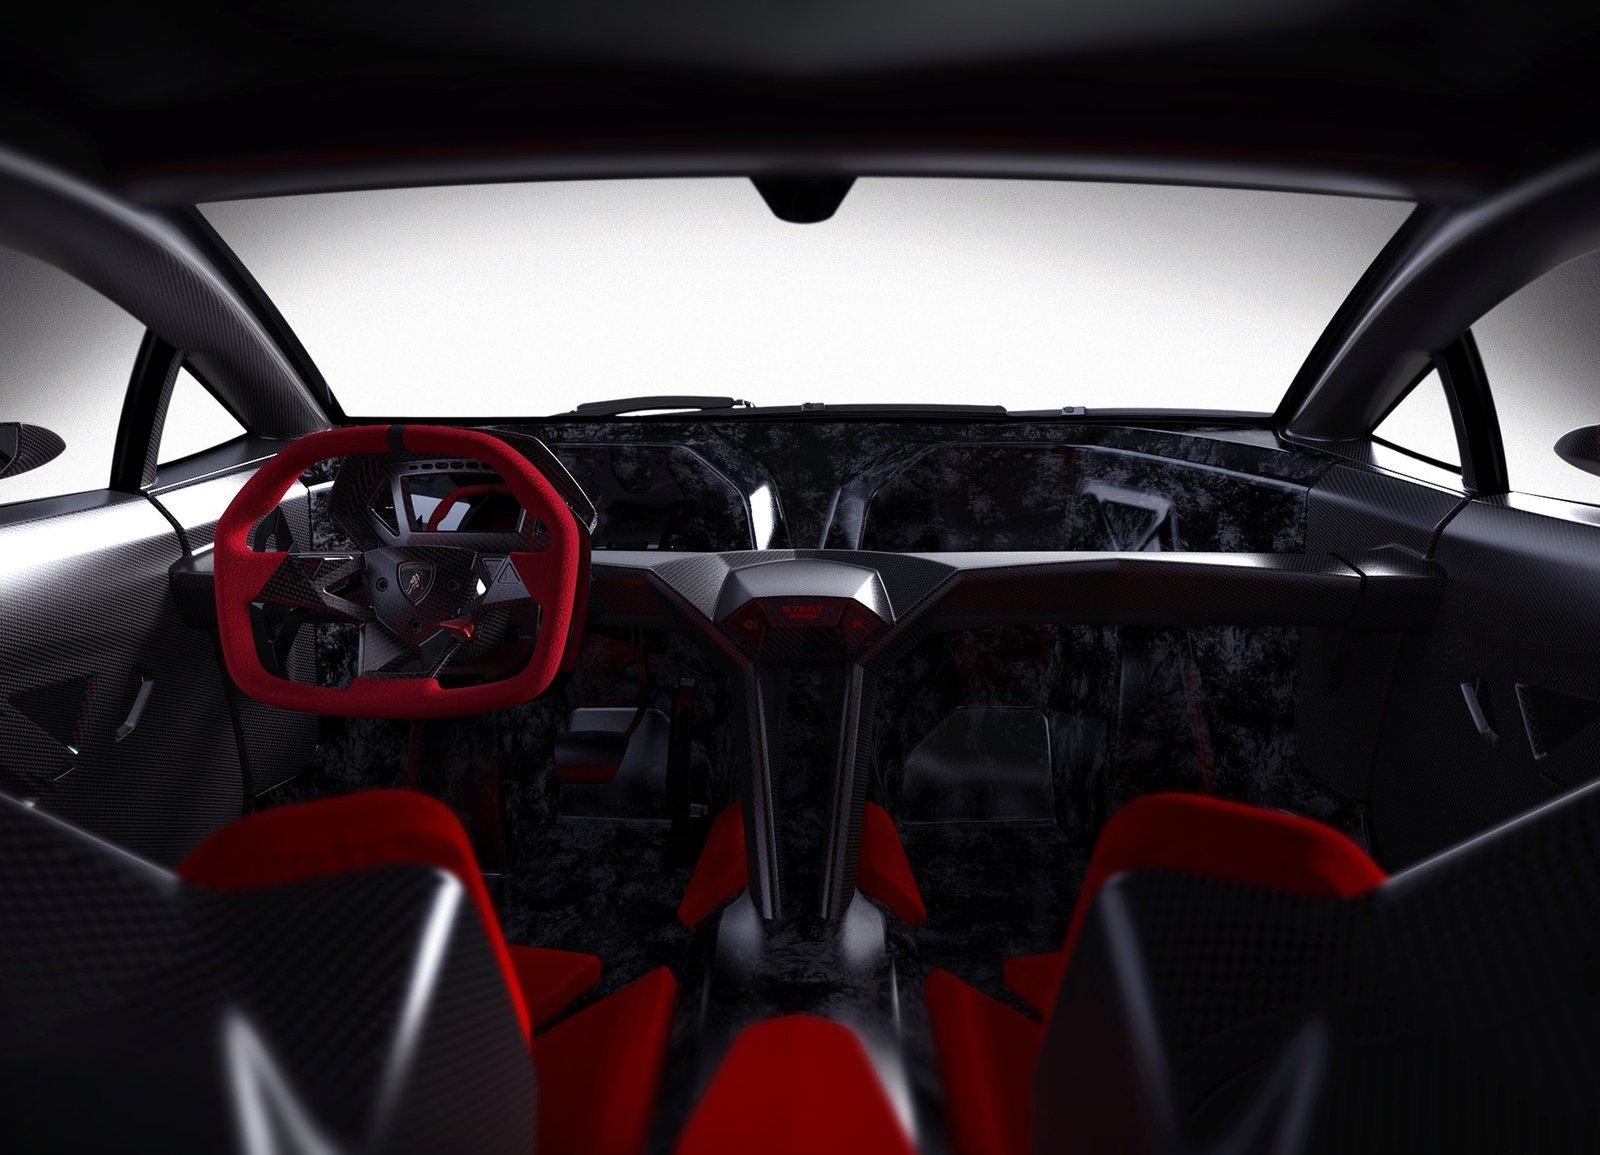 Lamborghini Sesto Elemento Concept 2010 (Paris Motor Show) 4